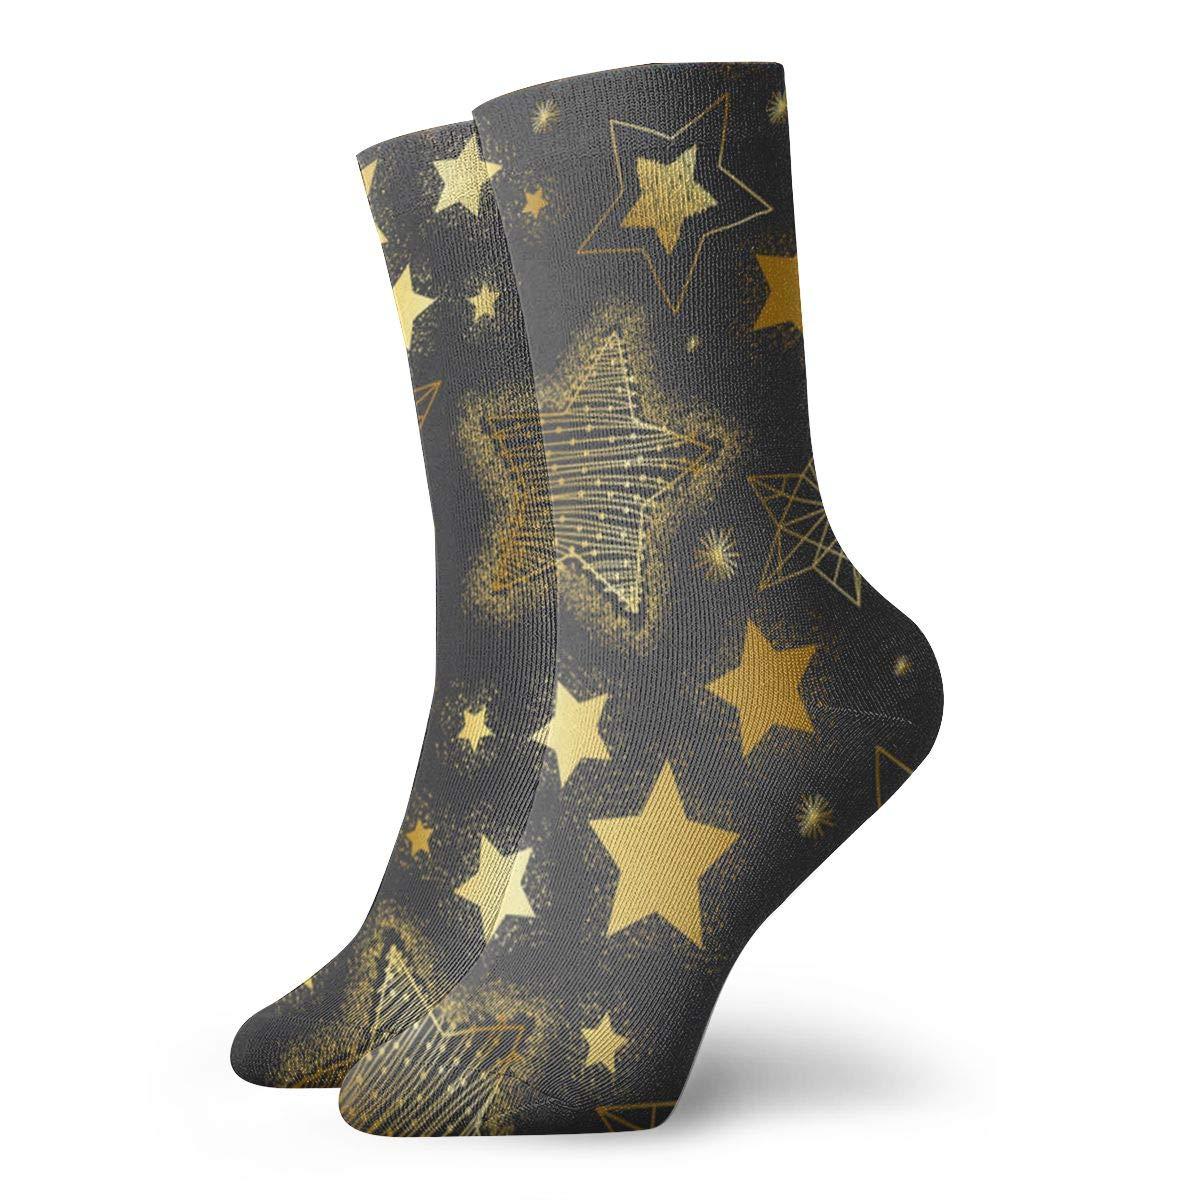 Golden Stars Unisex Funny Casual Crew Socks Athletic Socks For Boys Girls Kids Teenagers